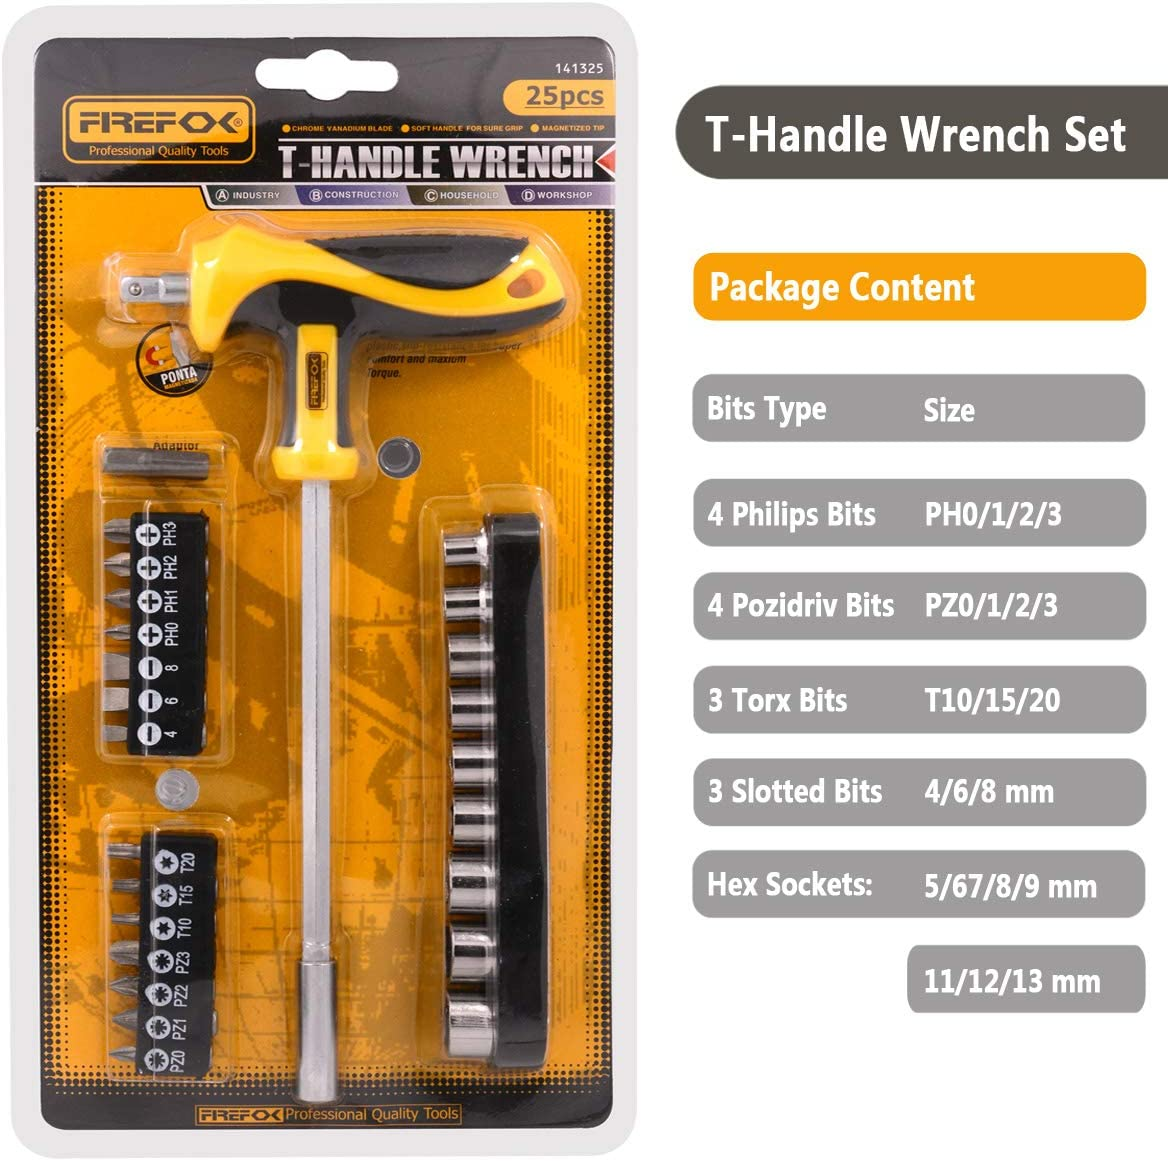 Schraubendreher Set 37 St/ücke Schraubendreher Ratsche Steckschl/üssel Set Torx Bit Kit Autoreparaturwerkzeuge